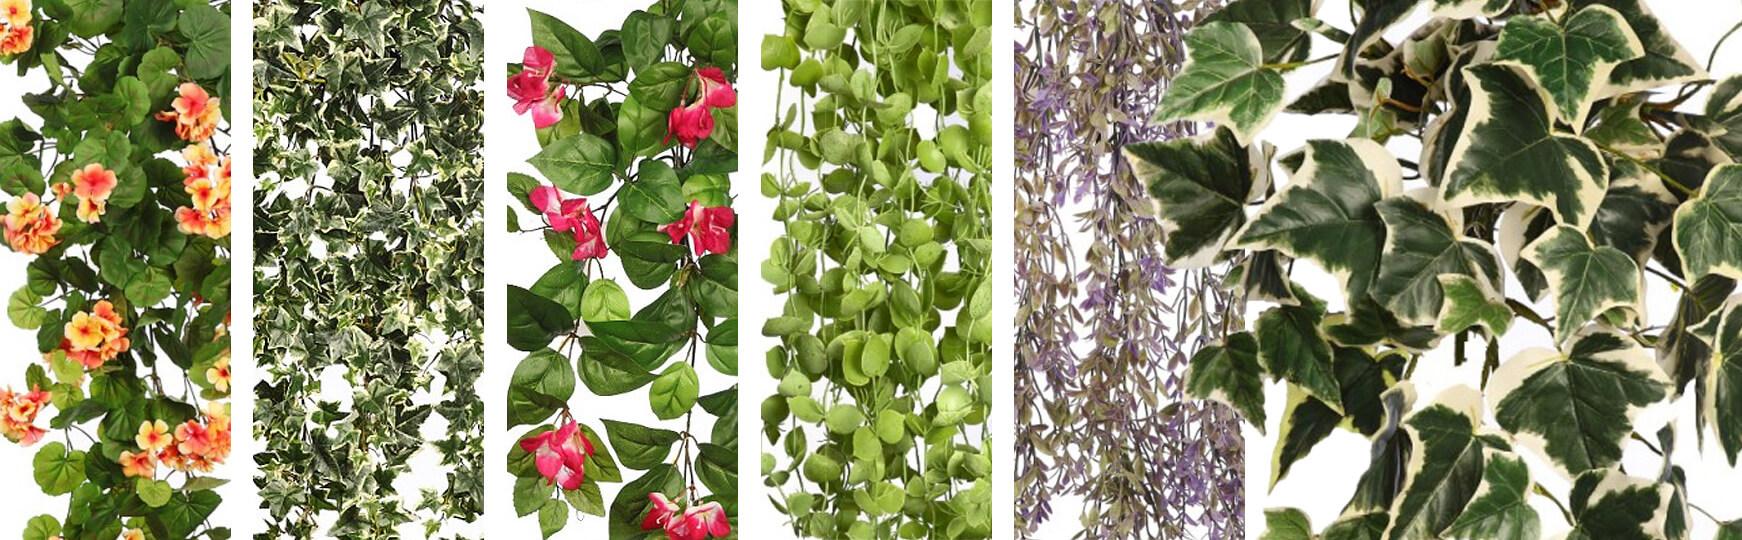 plantas artificiales colgantes baratas